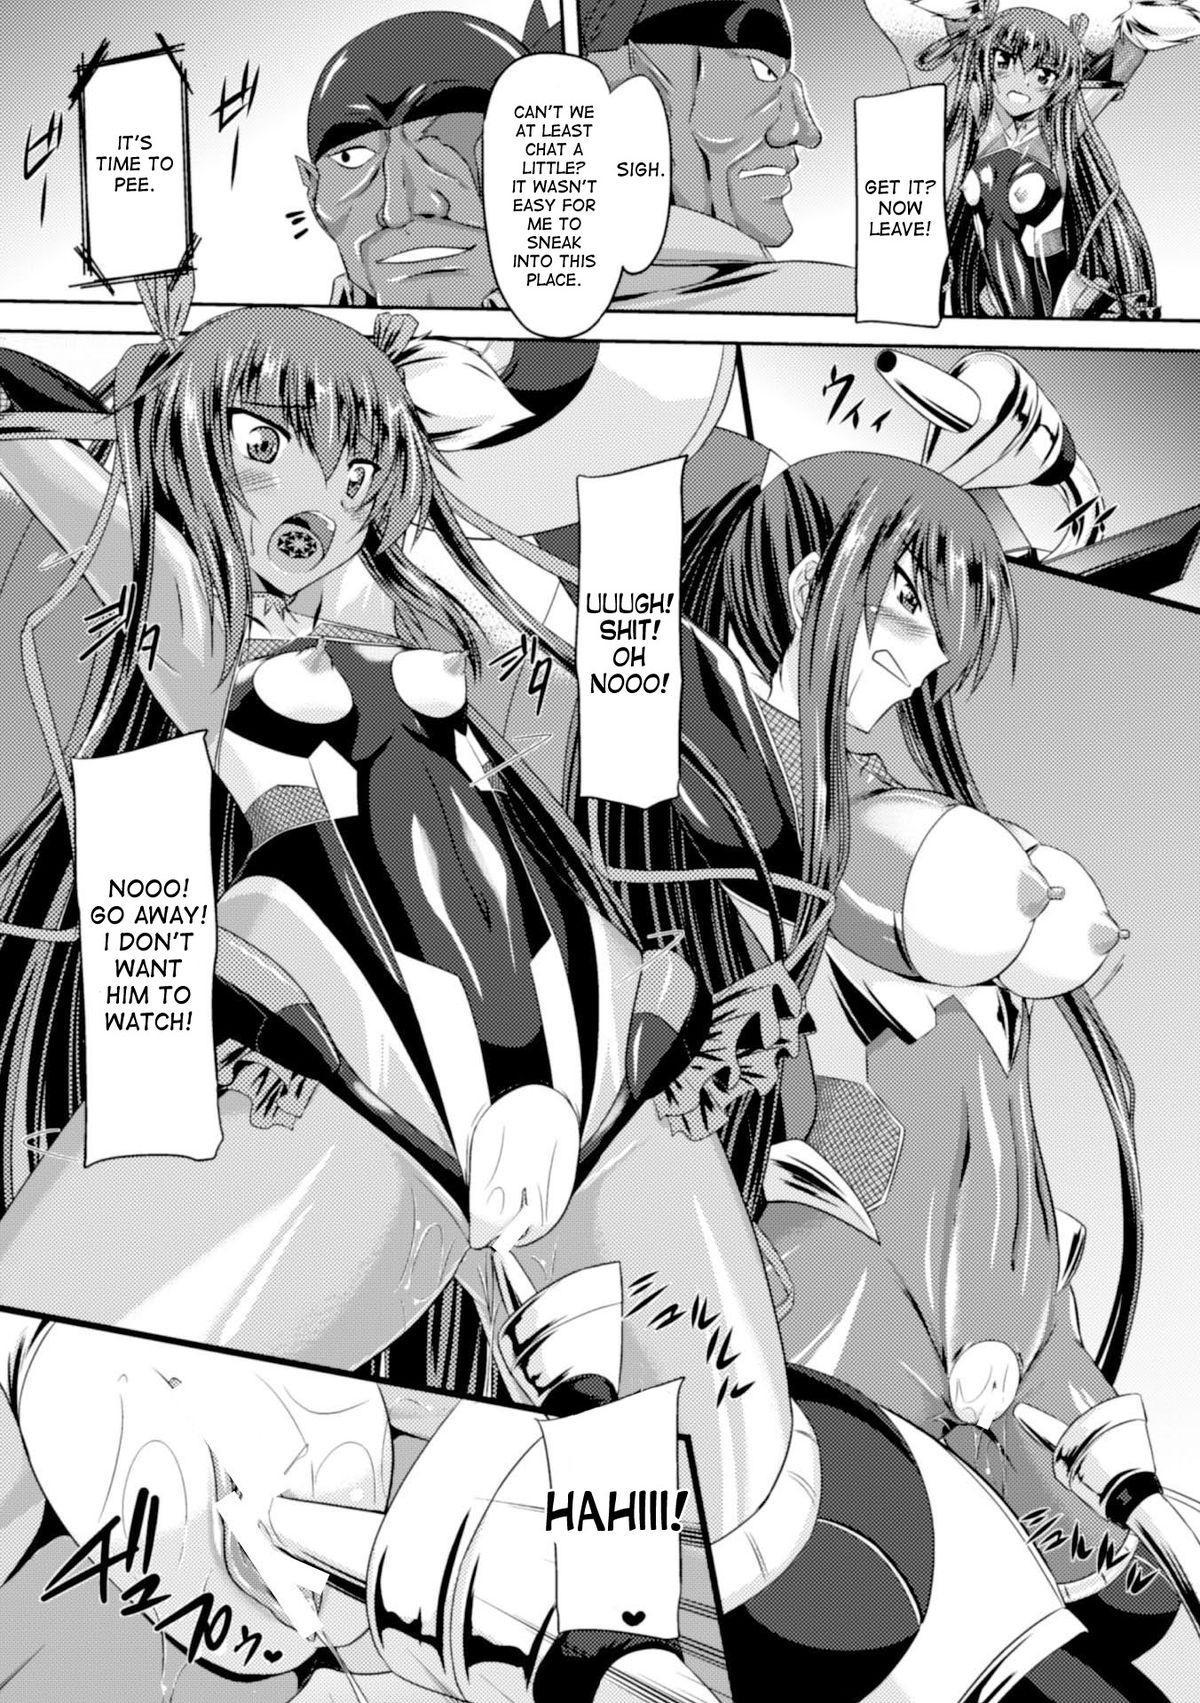 [Gonzaburo-] Taimanin Yukikaze - Taimanin wa Ingoku ni Shizumu #1-6 | Taimanin Yukikaze - Taimanin's fall into the lewd hell #1-5 [English] [desudesu] [Digital] 31